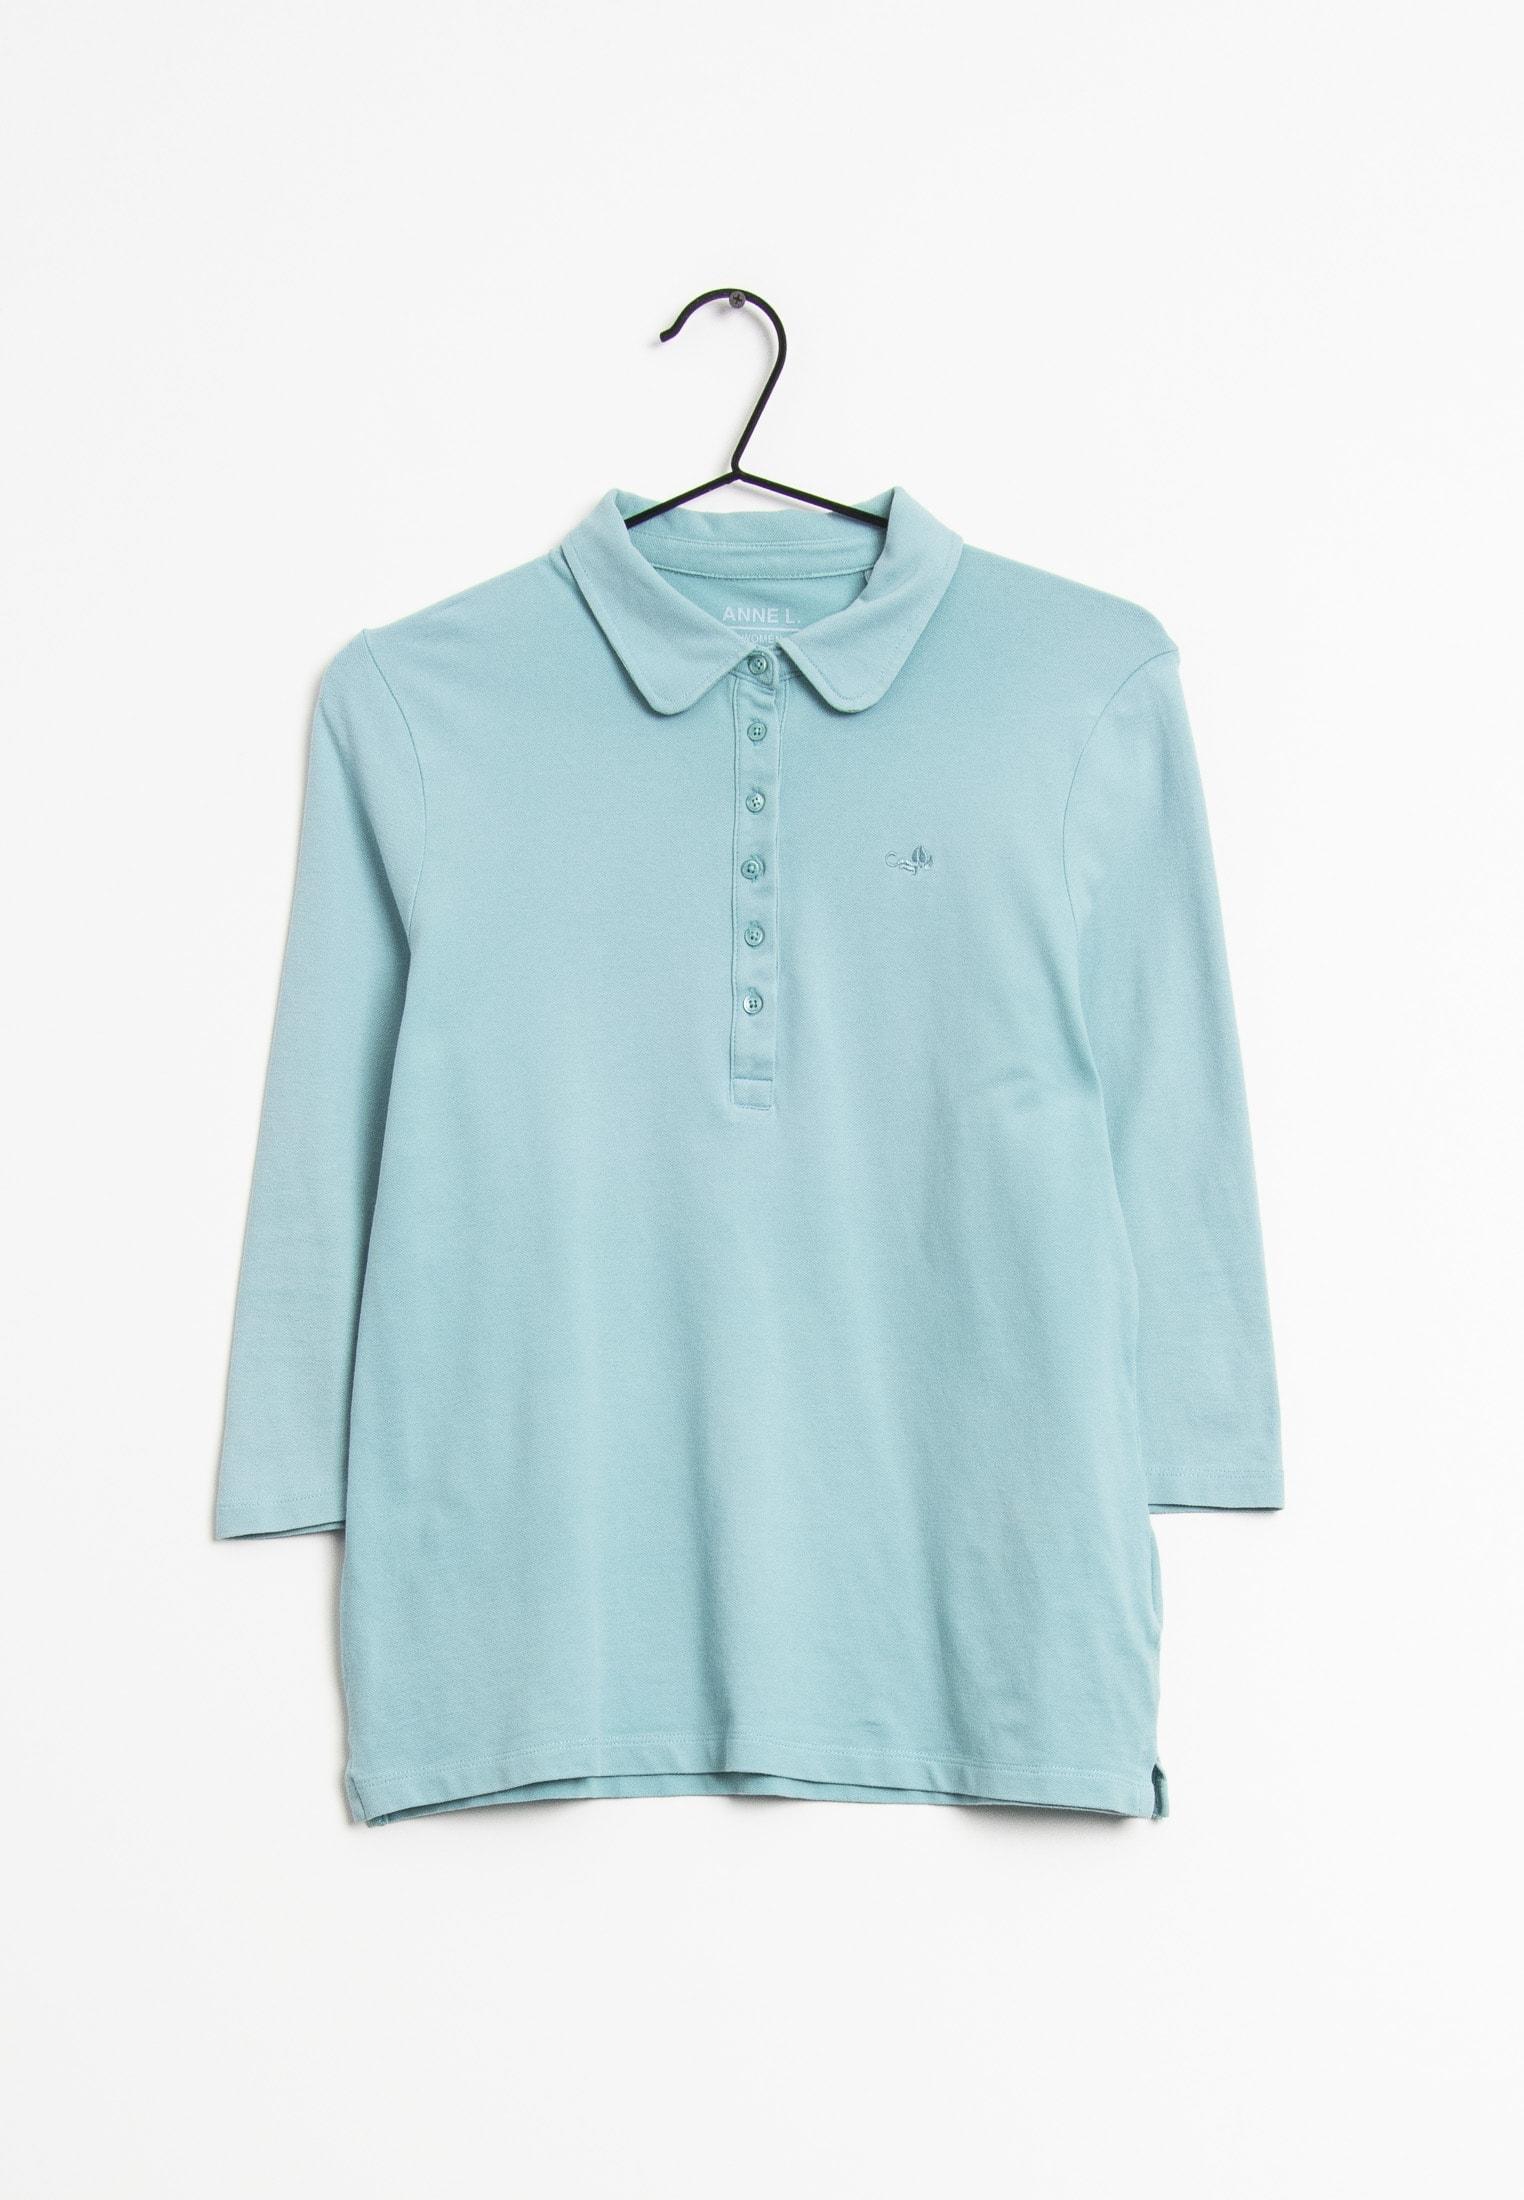 ANNE FONTAINE Langarmshirt Blau Gr.S